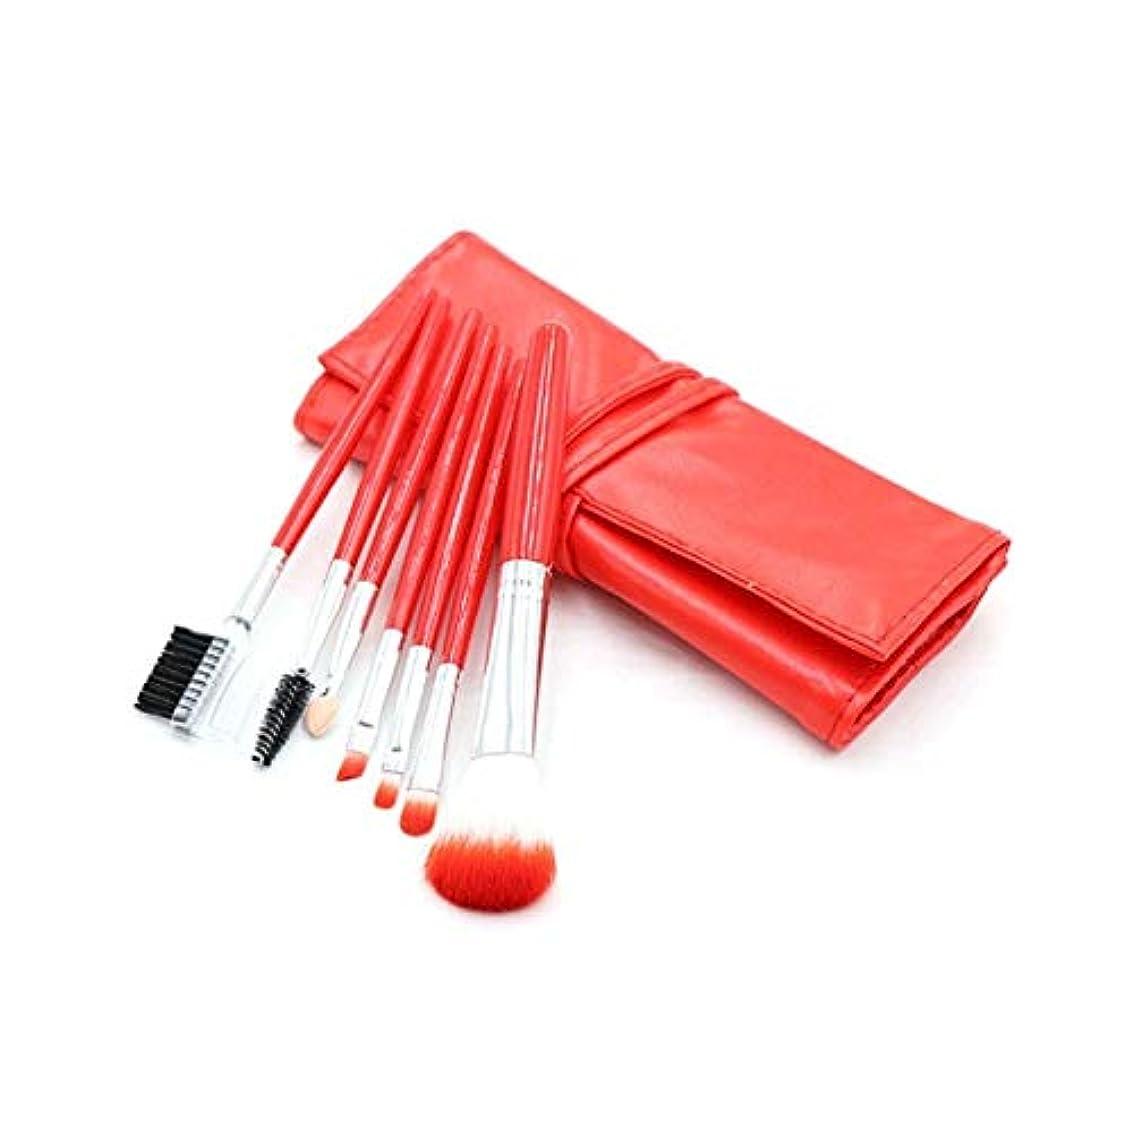 バース代表団アラバマ化粧ブラシセット、赤7化粧ブラシ化粧ブラシセットアイシャドウブラシリップブラシ美容化粧道具